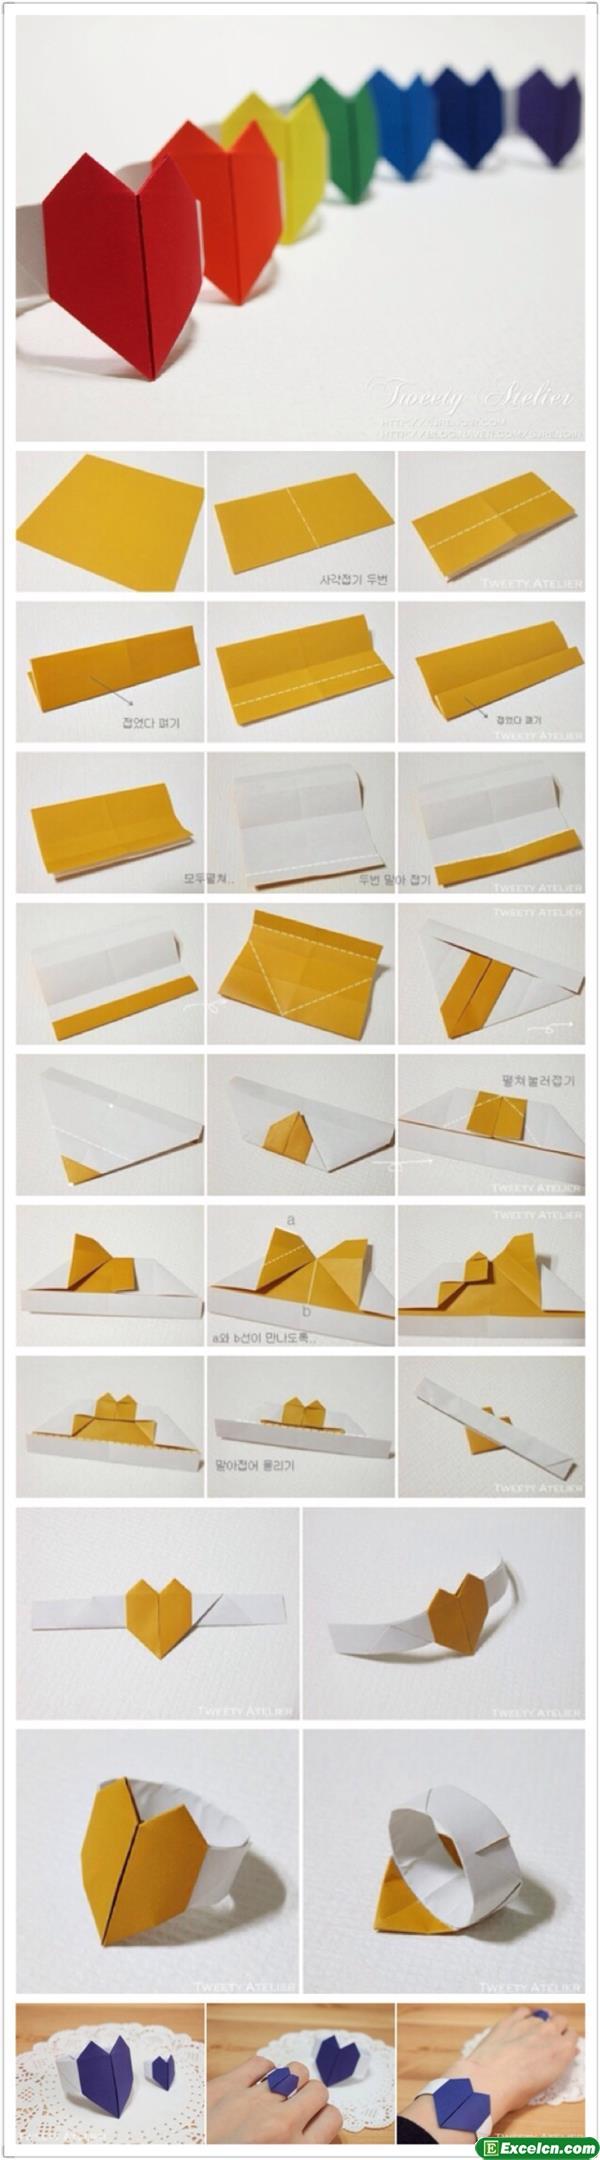 心形戒指折纸图解